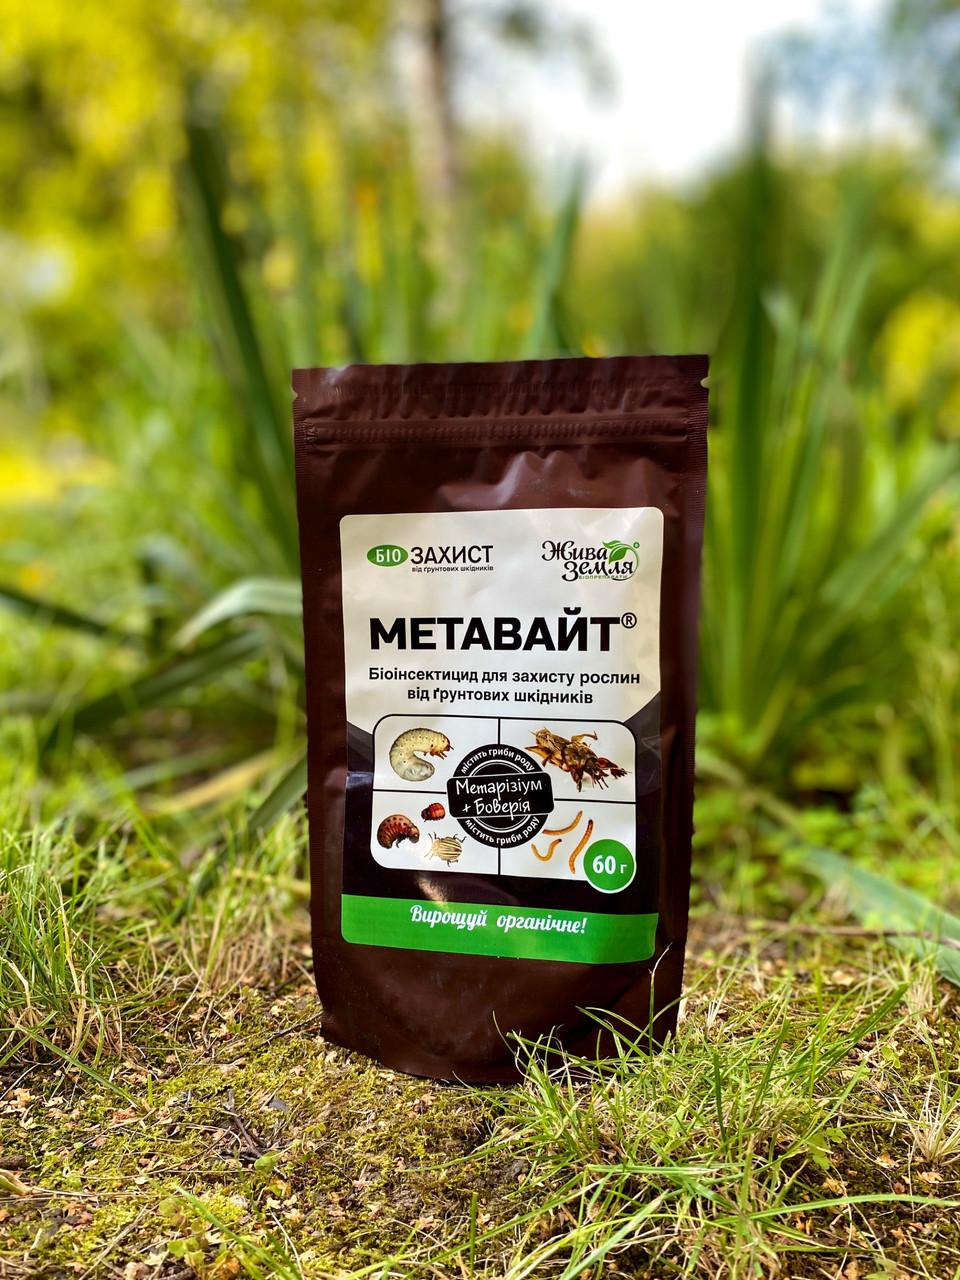 Метавайт (метаризин) 60 г